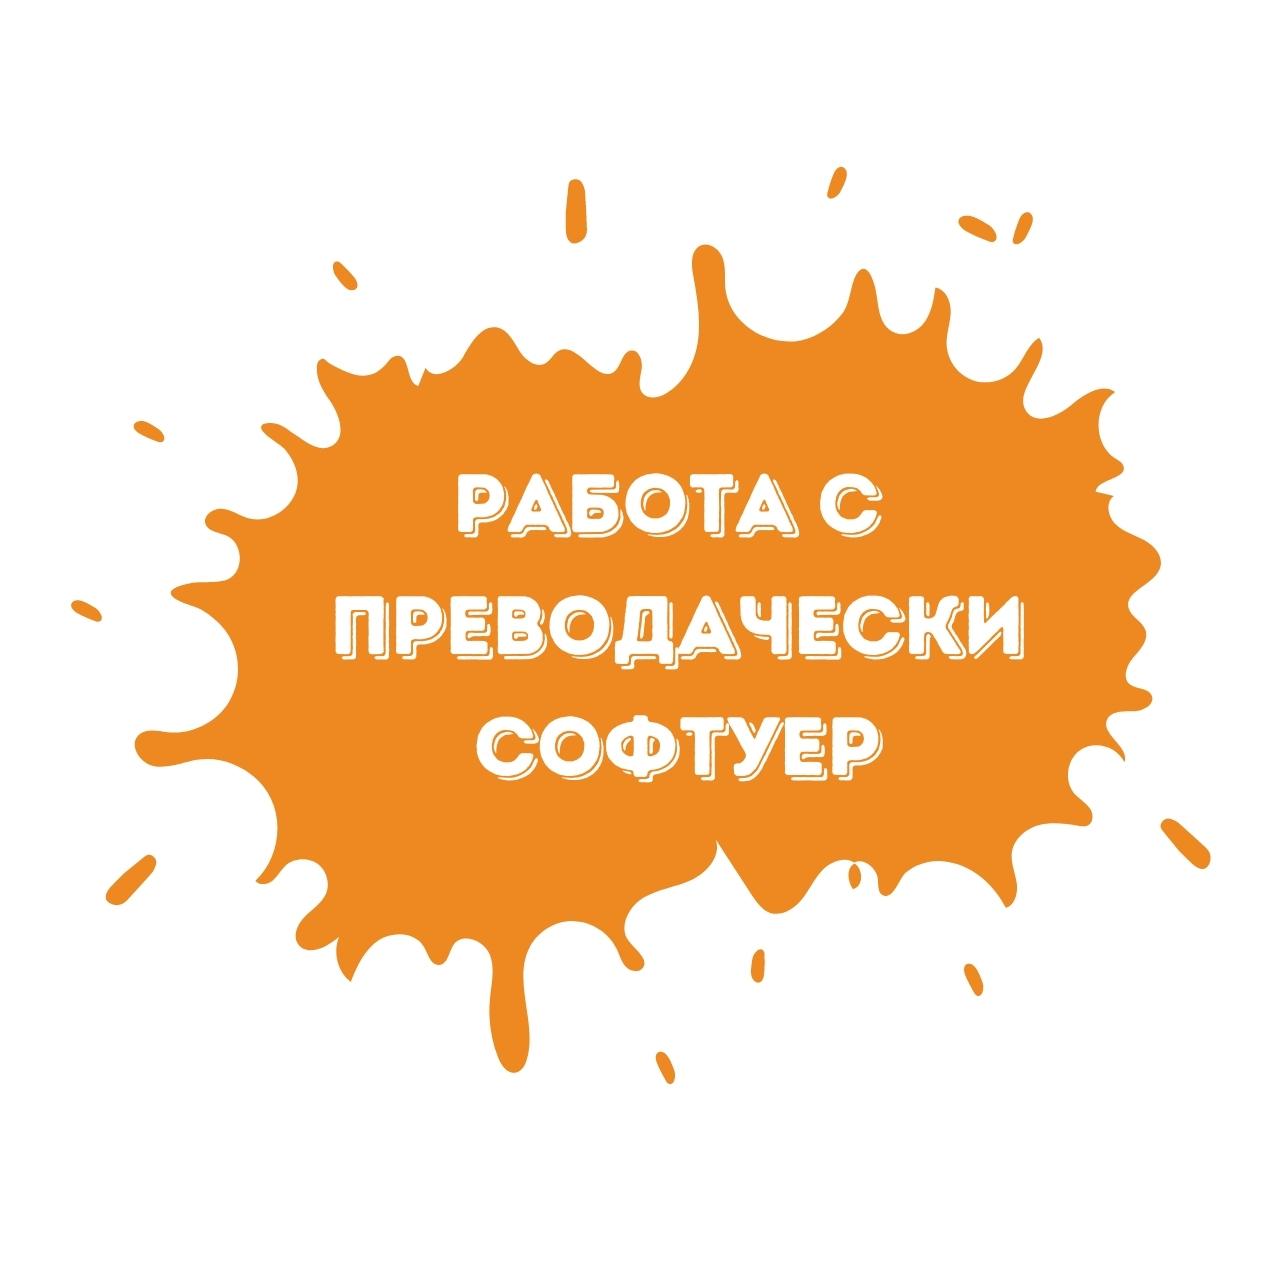 Работа с преводачески софтуер